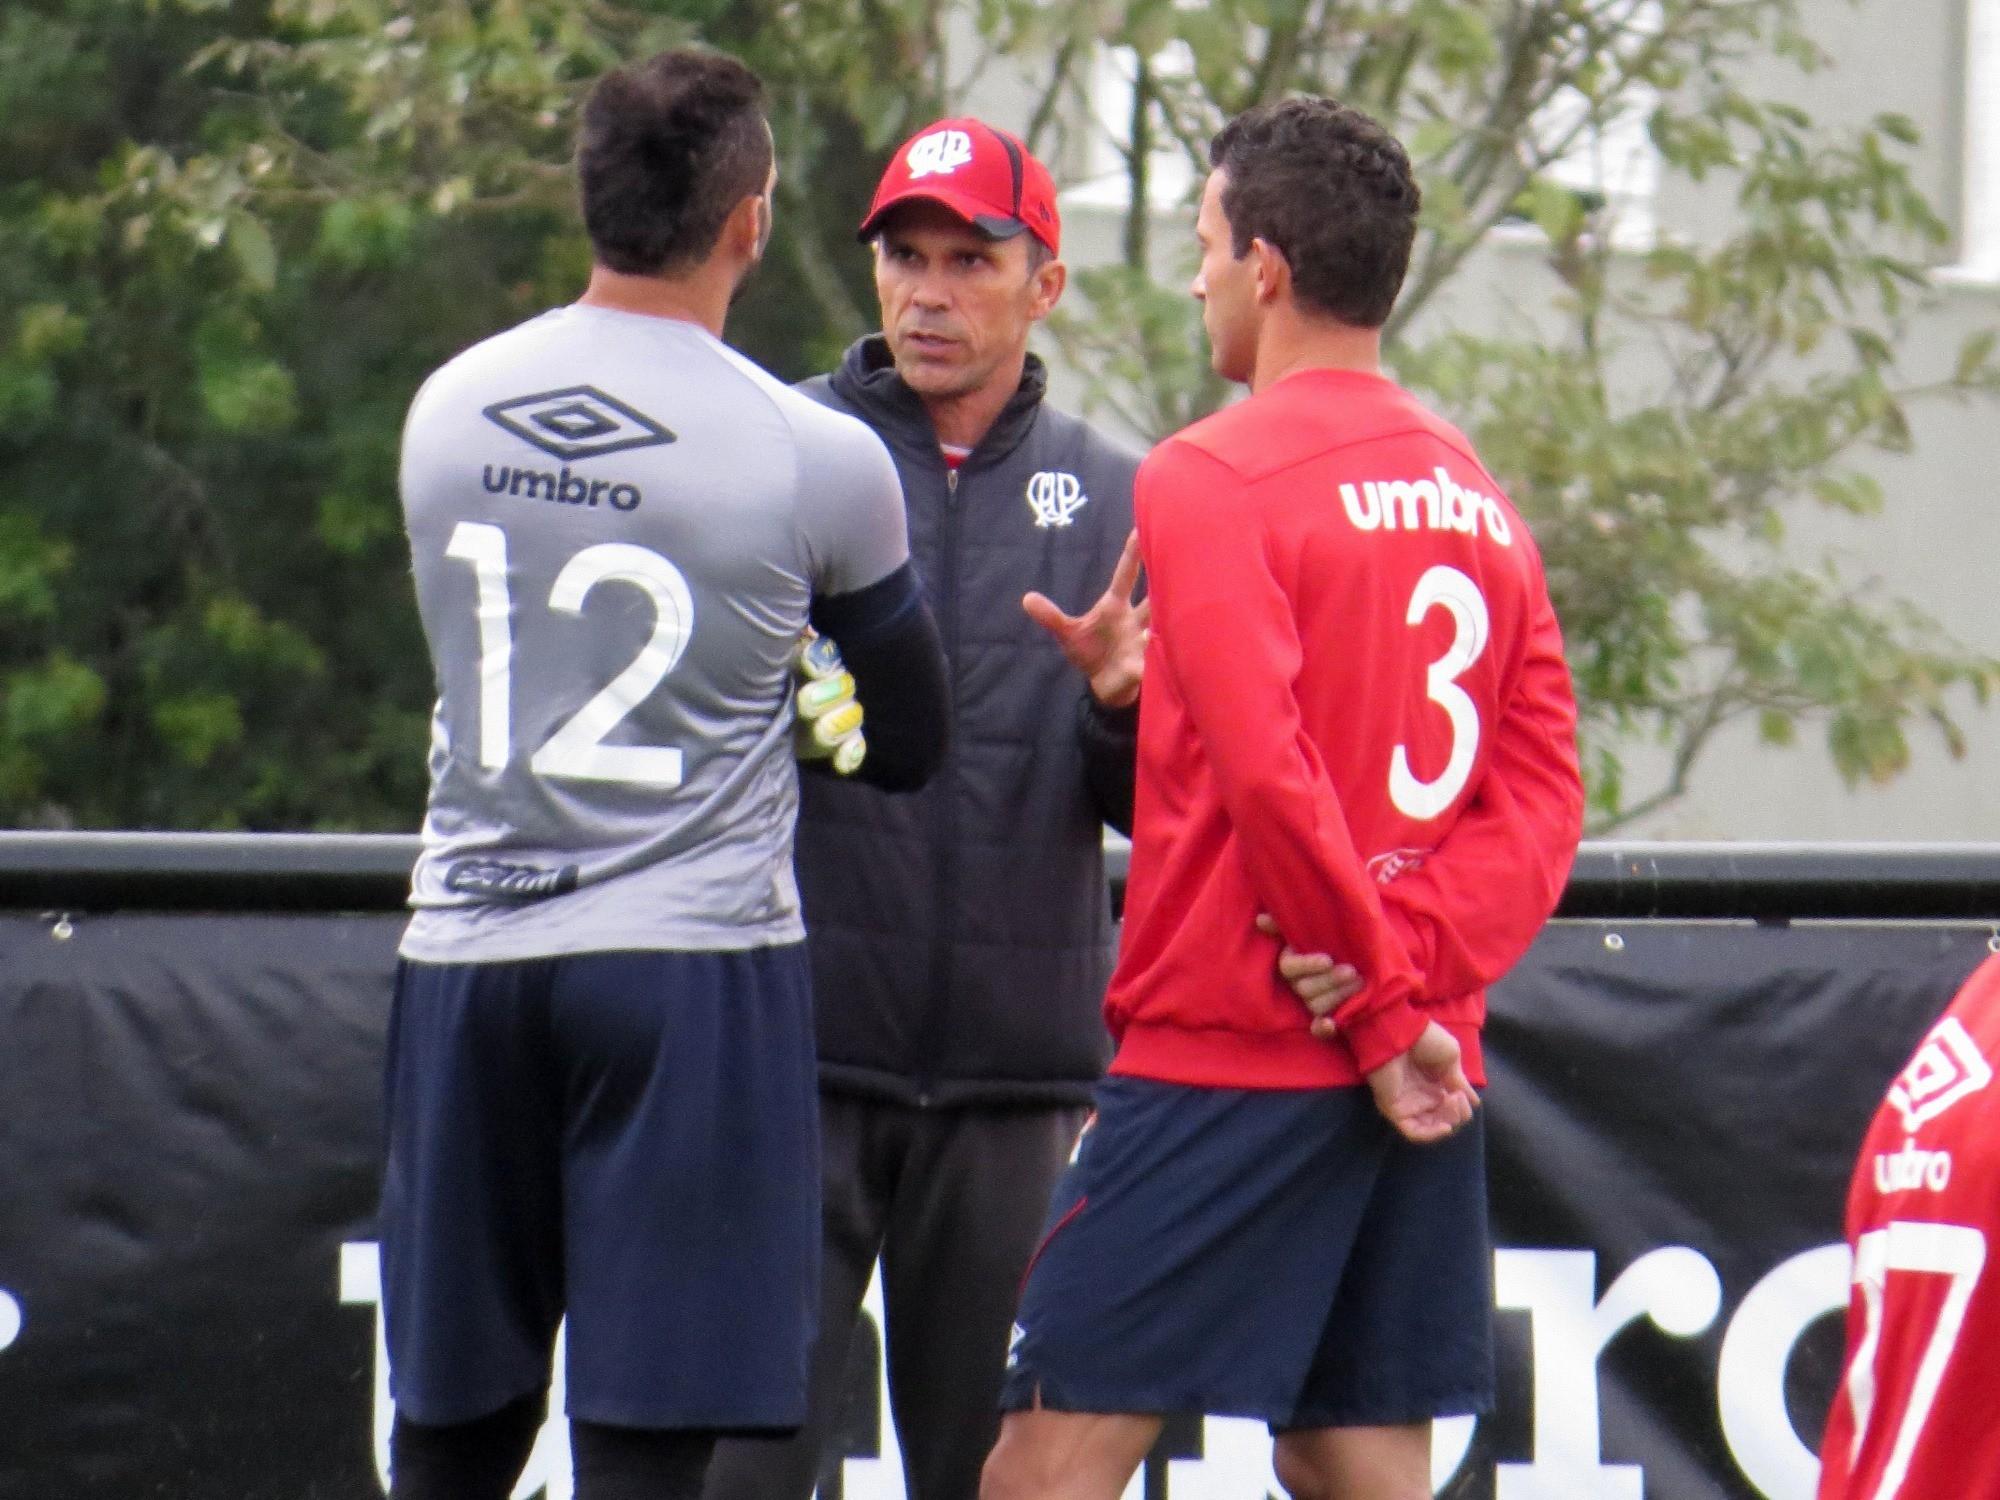 e7361c679d http   globoesporte.globo.com pi futebol times flamengo-pi noticia ...